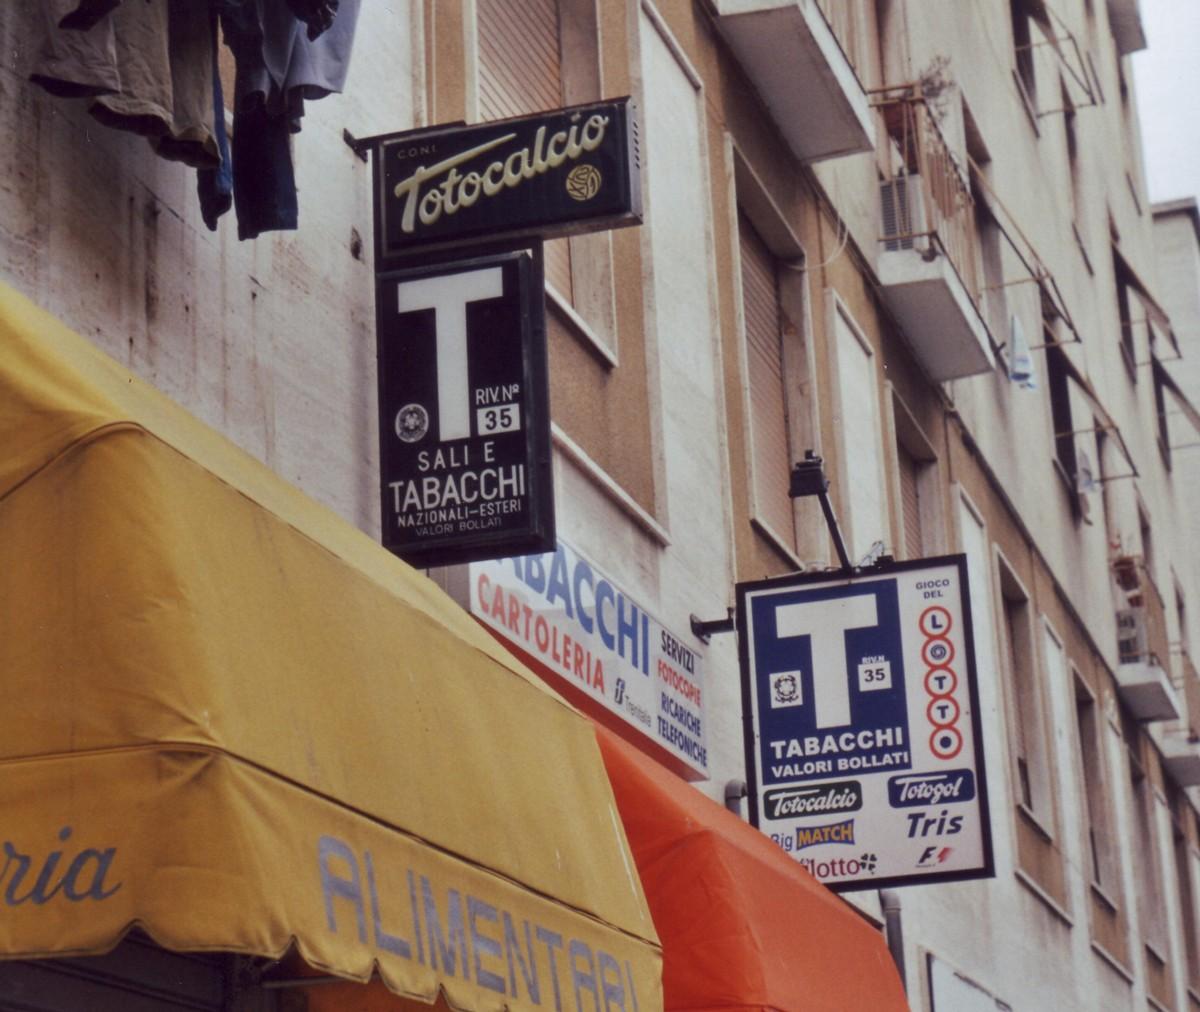 File:Sali e Tabacchi.jpg